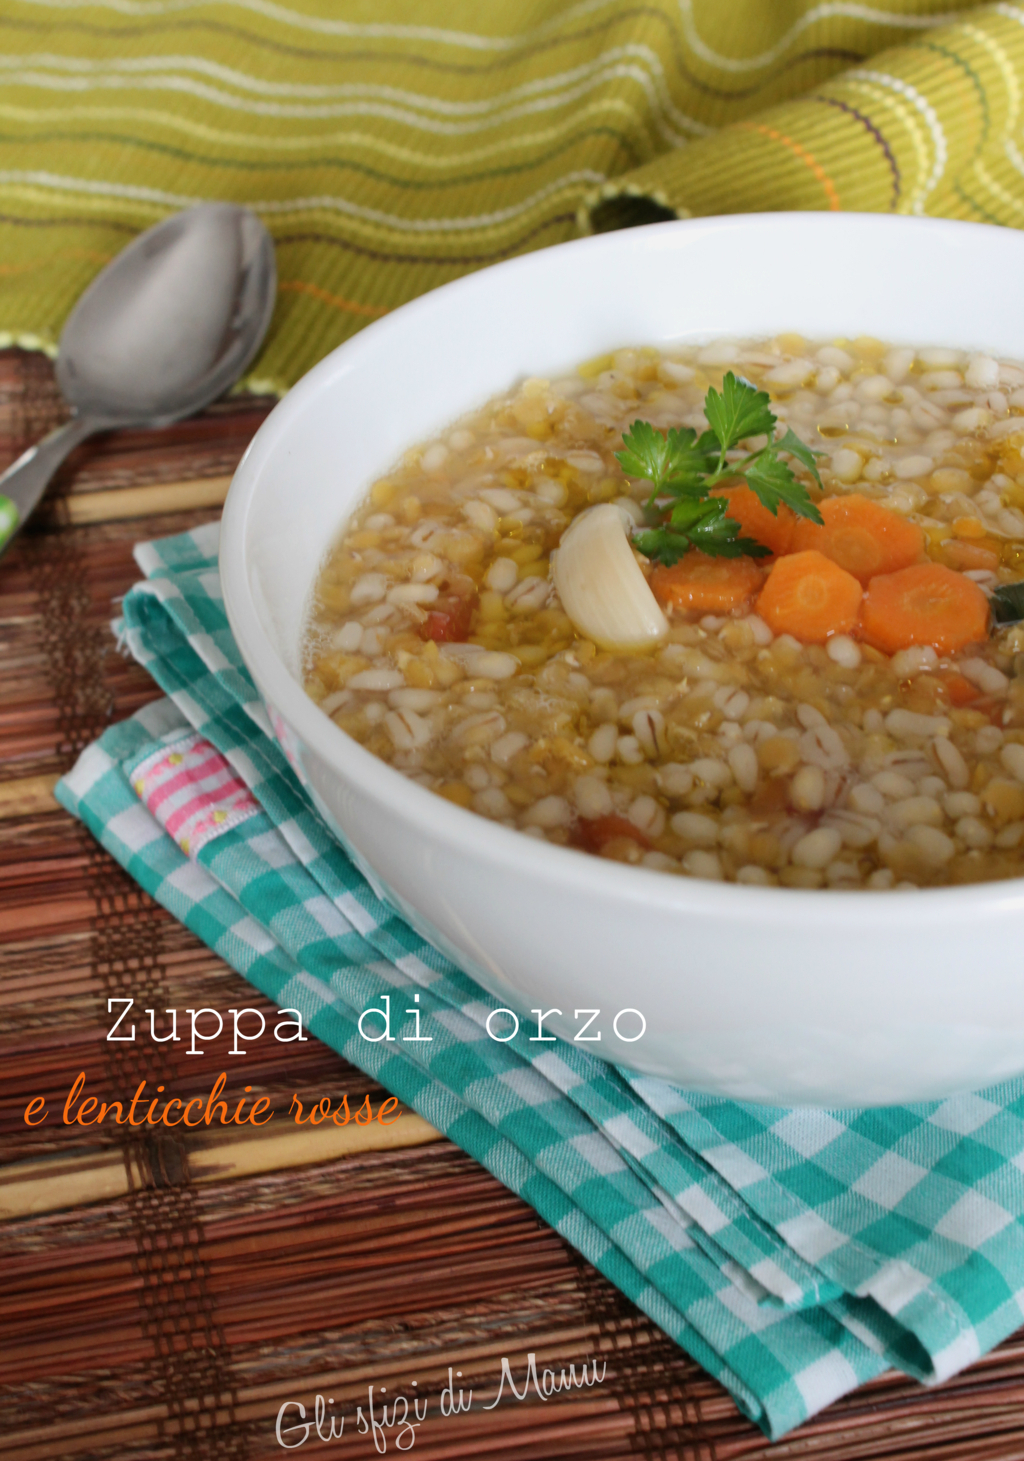 zuppa di orzo e lenticchie rosse